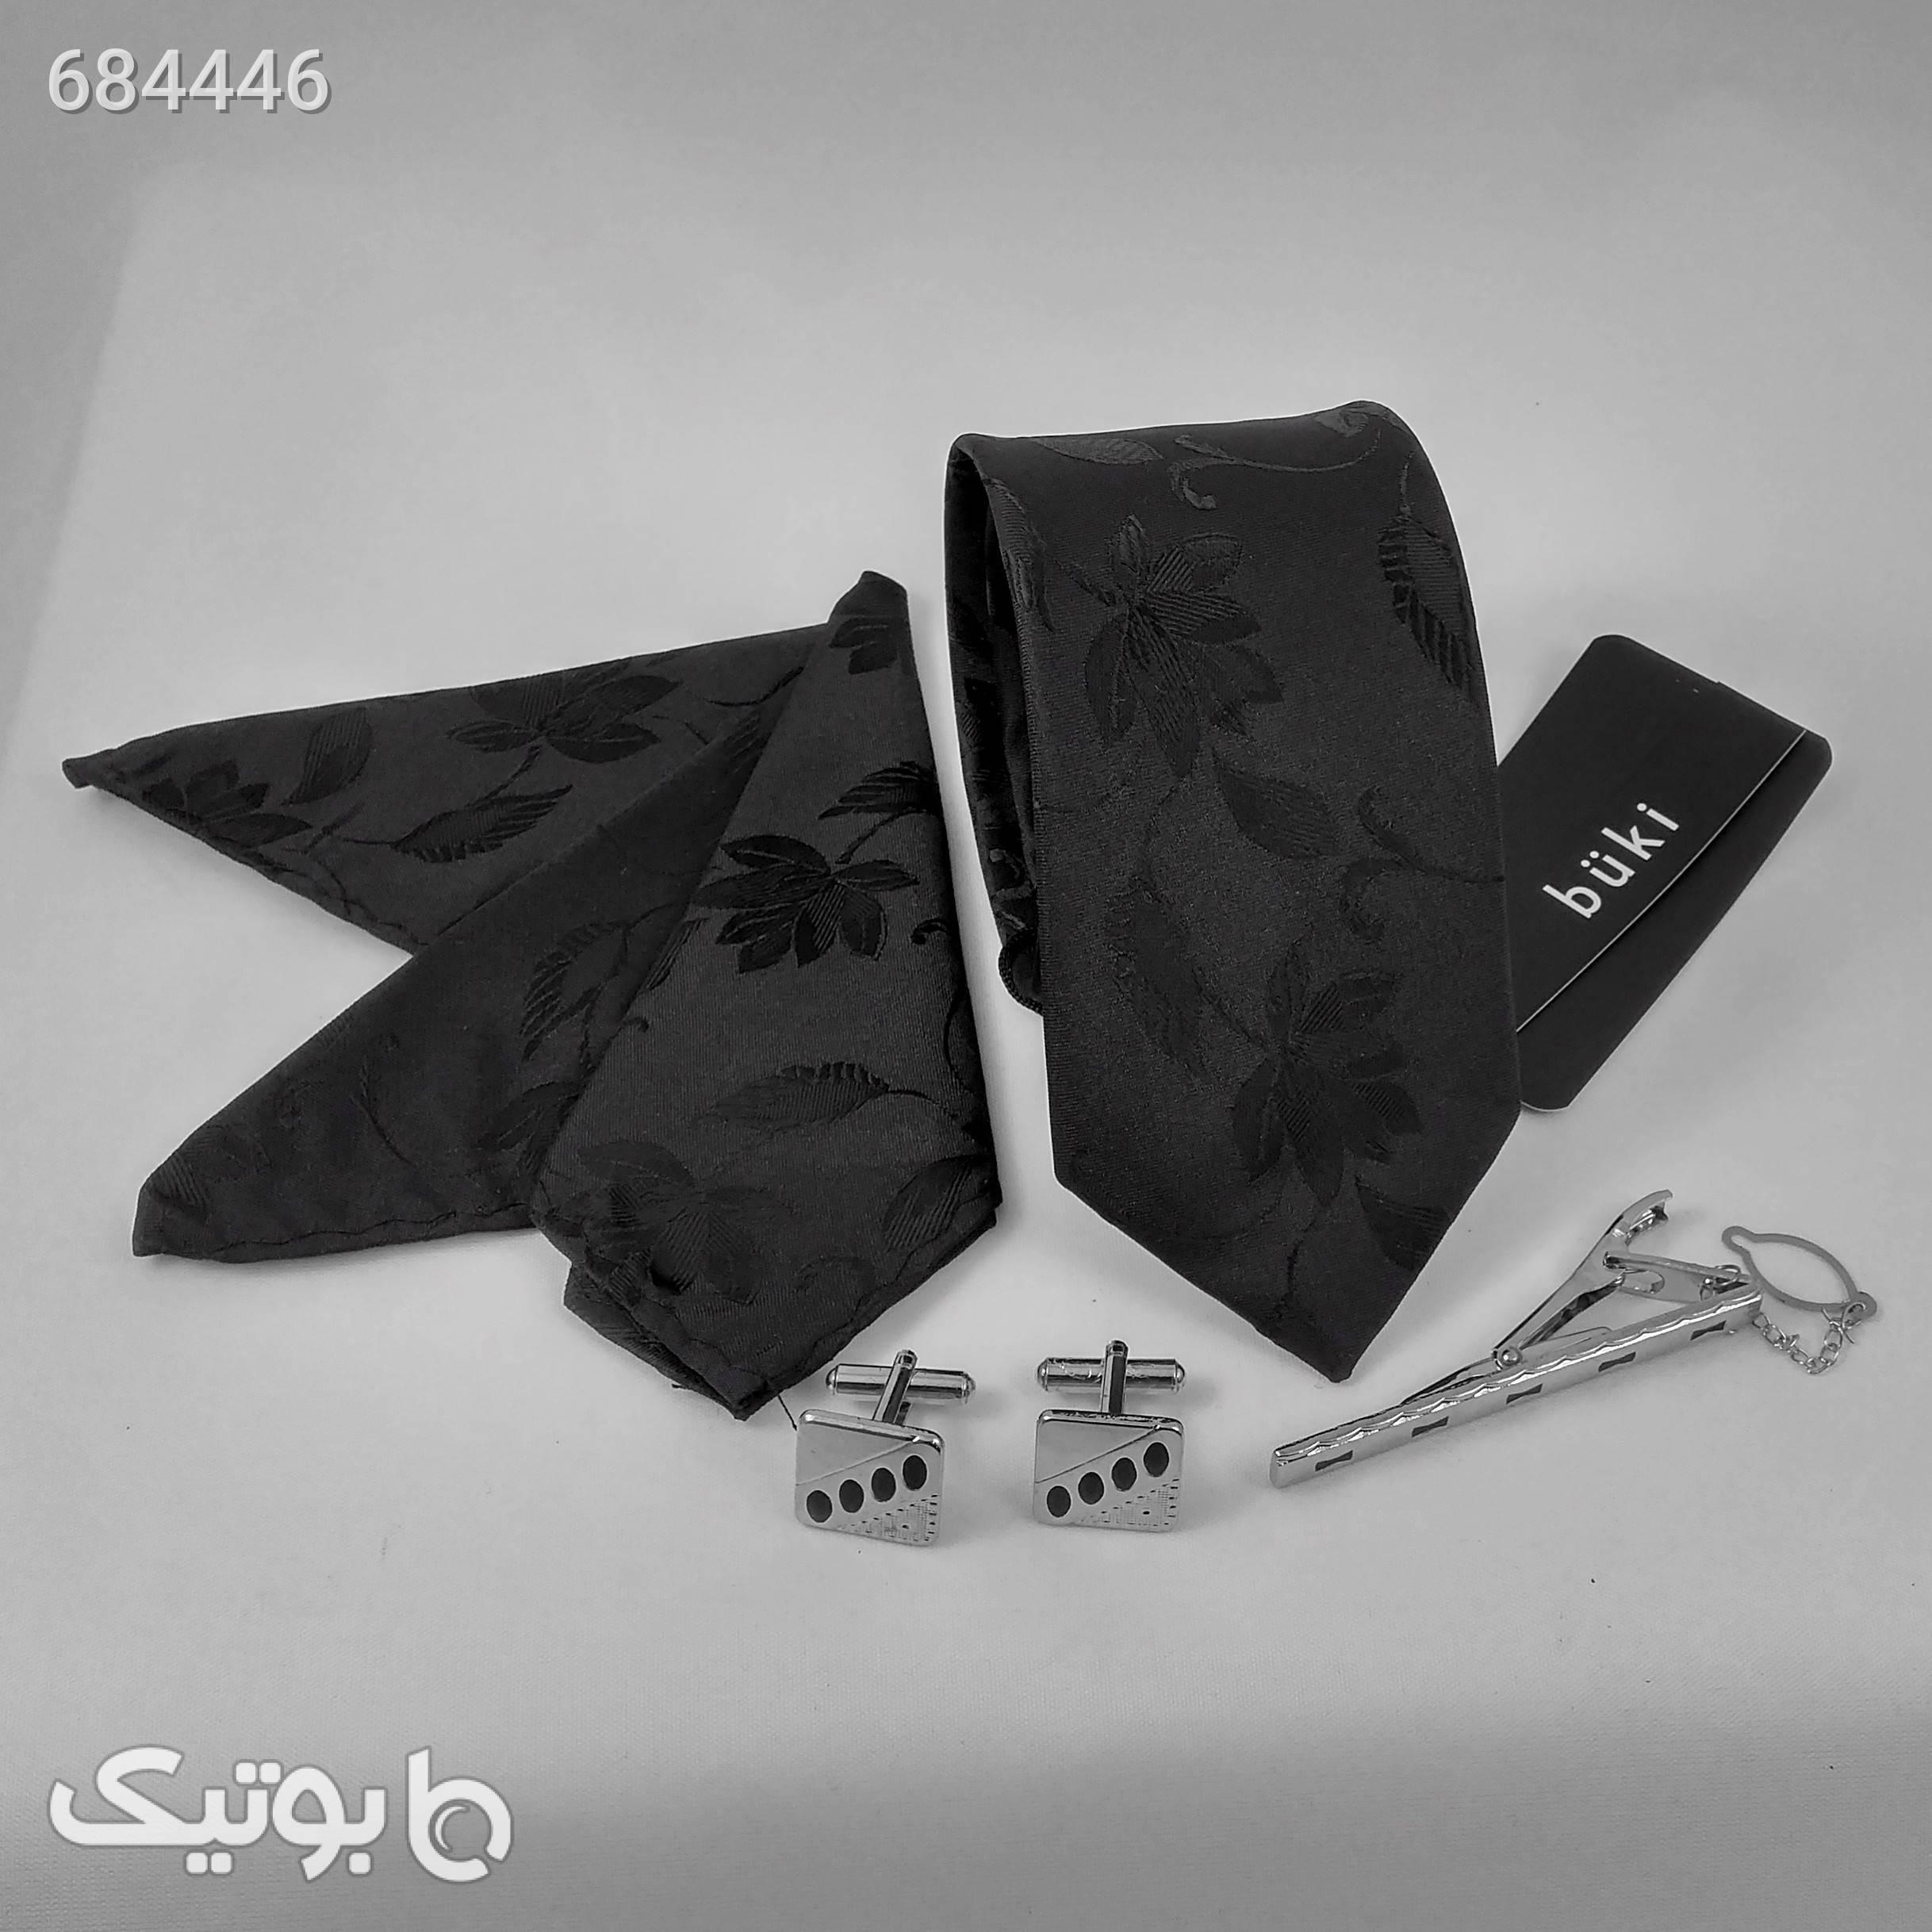 ست کراوات و دستمال جیب و دکمه سر دست مردانه کد 417 مشکی كراوات و پاپيون